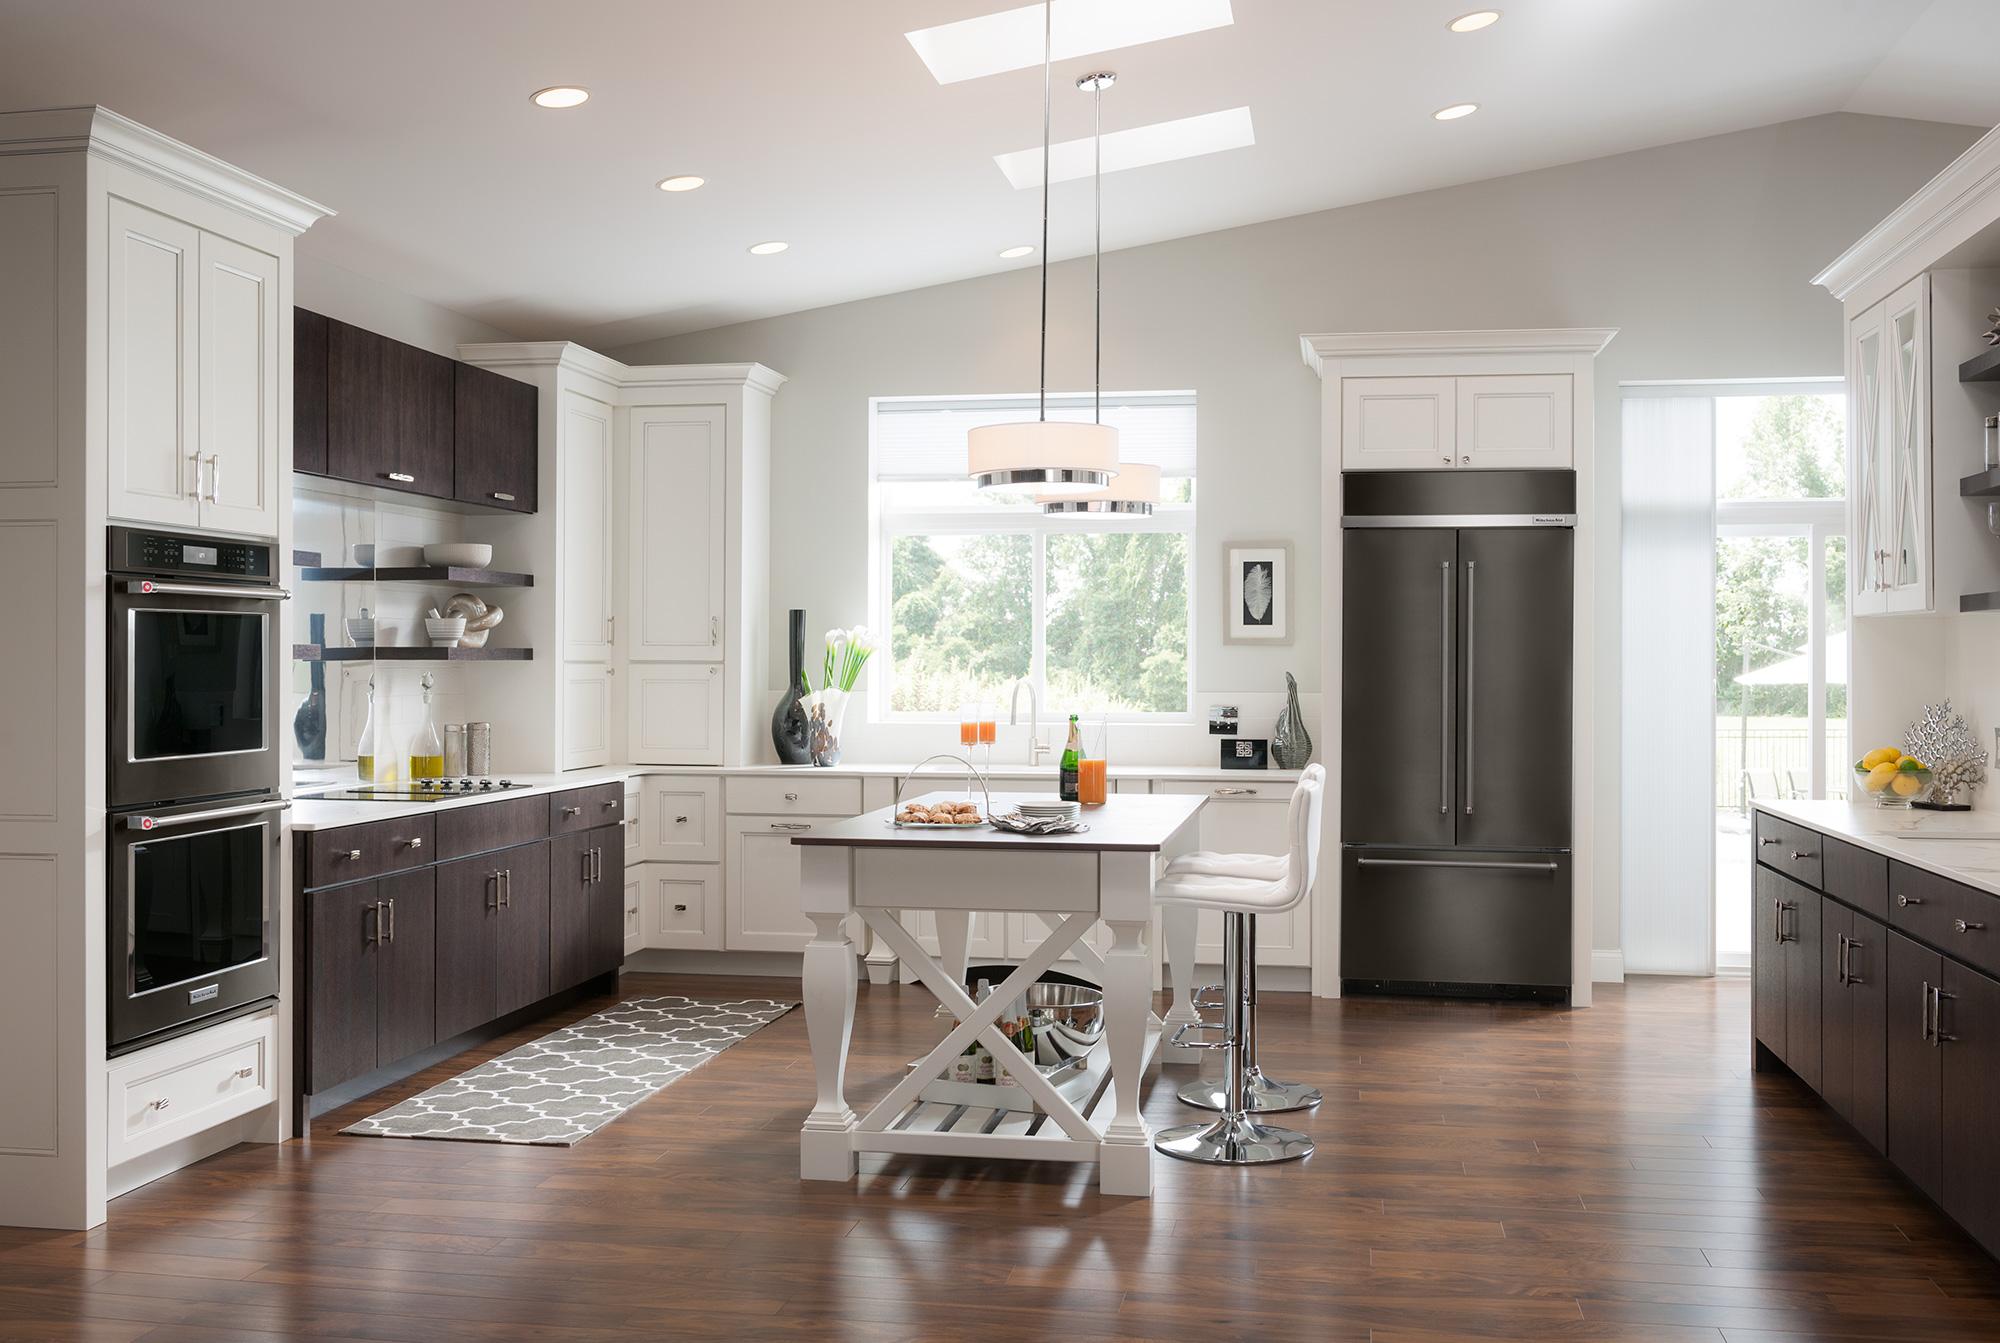 Beautiful and Innovative KitchenAid Kitchen